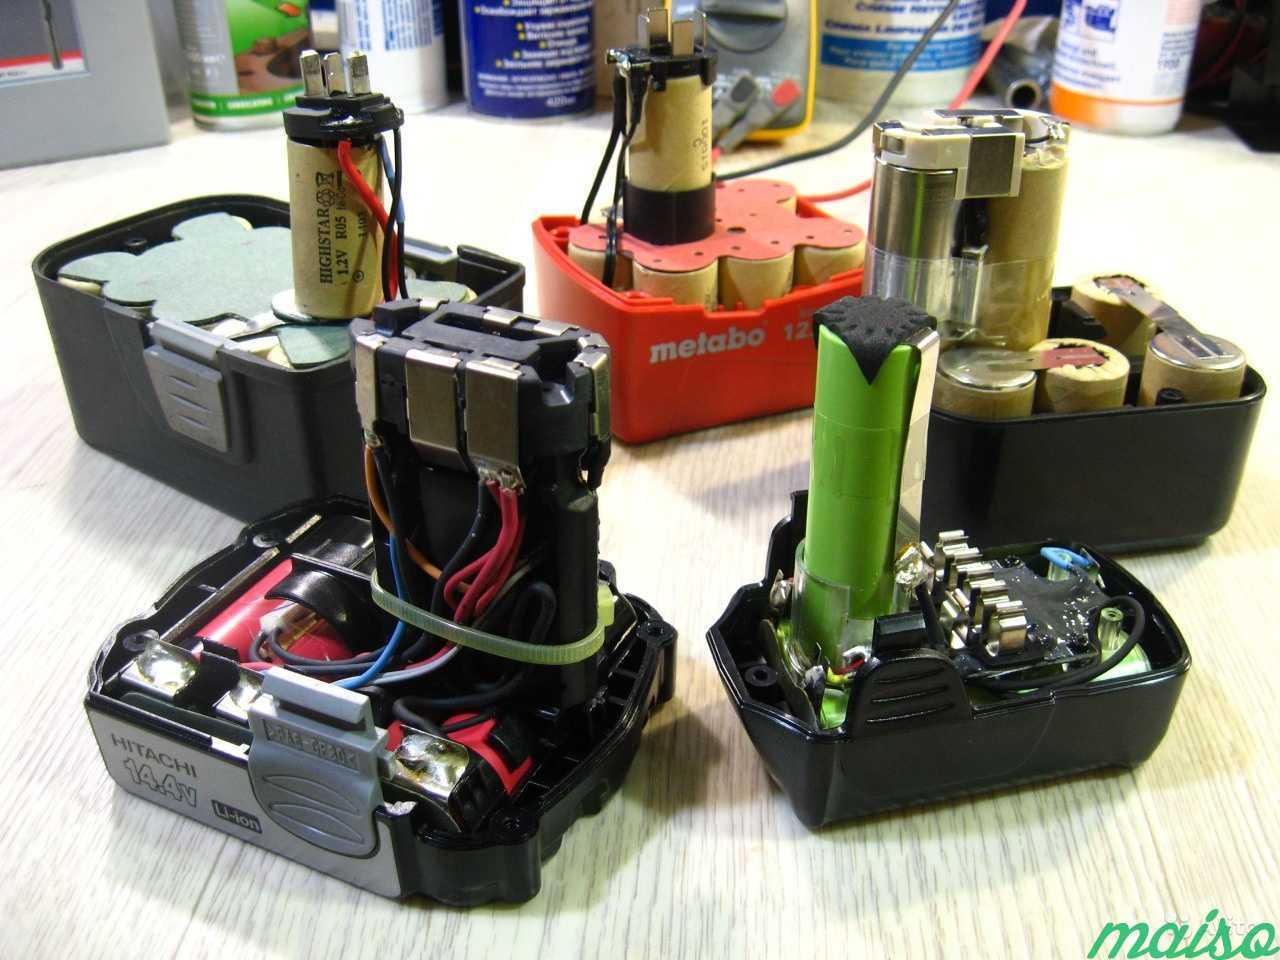 Выбираем, какие аккумуляторы для шуруповёртов лучше